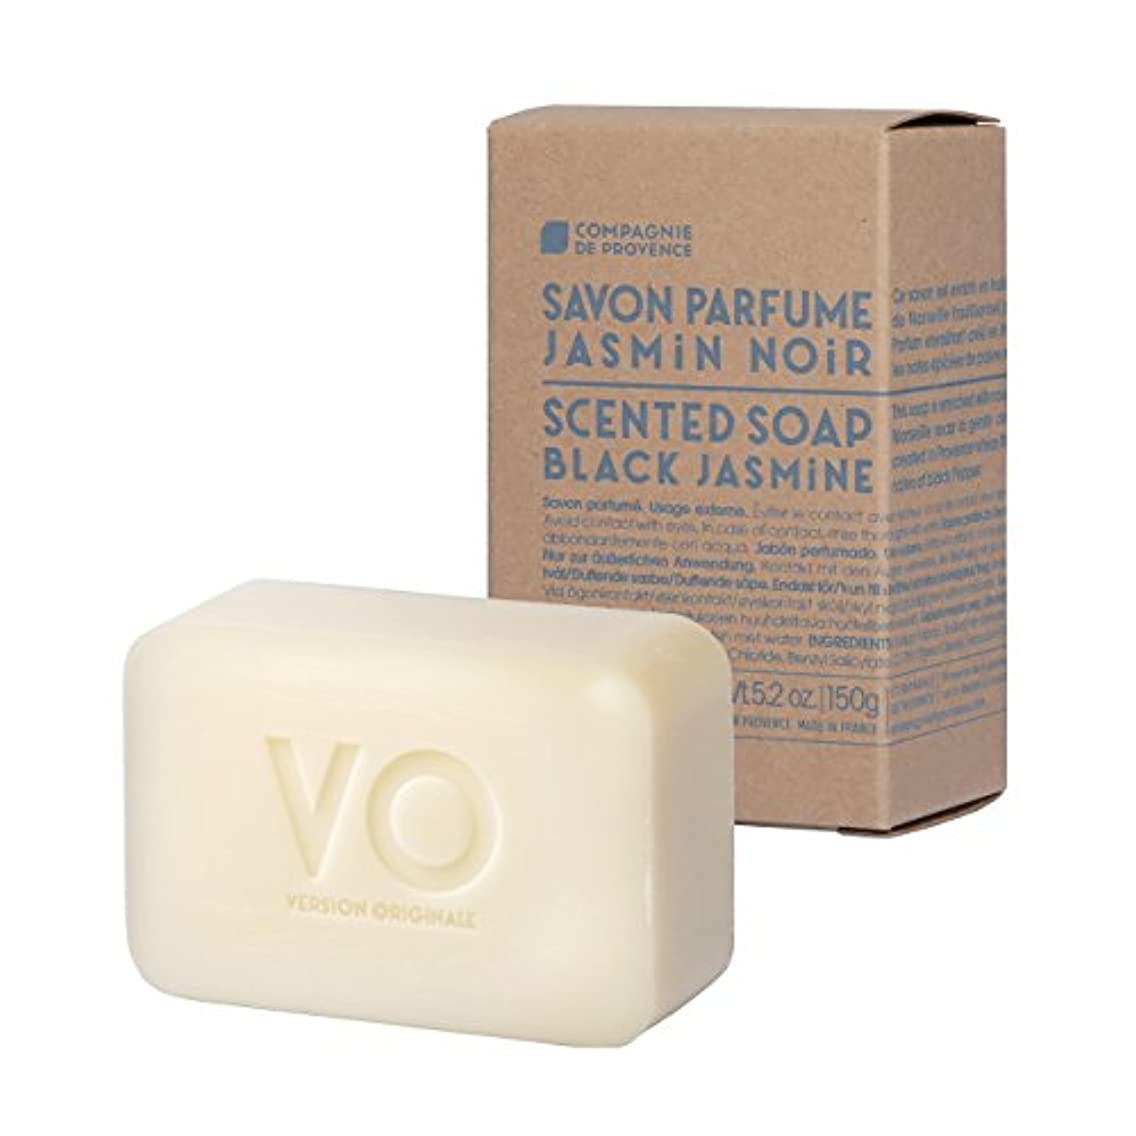 窒素デッキニンニクカンパニードプロバンス バージョンオリジナル センティッドソープ ブラックジャスミン(すっきりとした中にも甘さがある香り) 150g